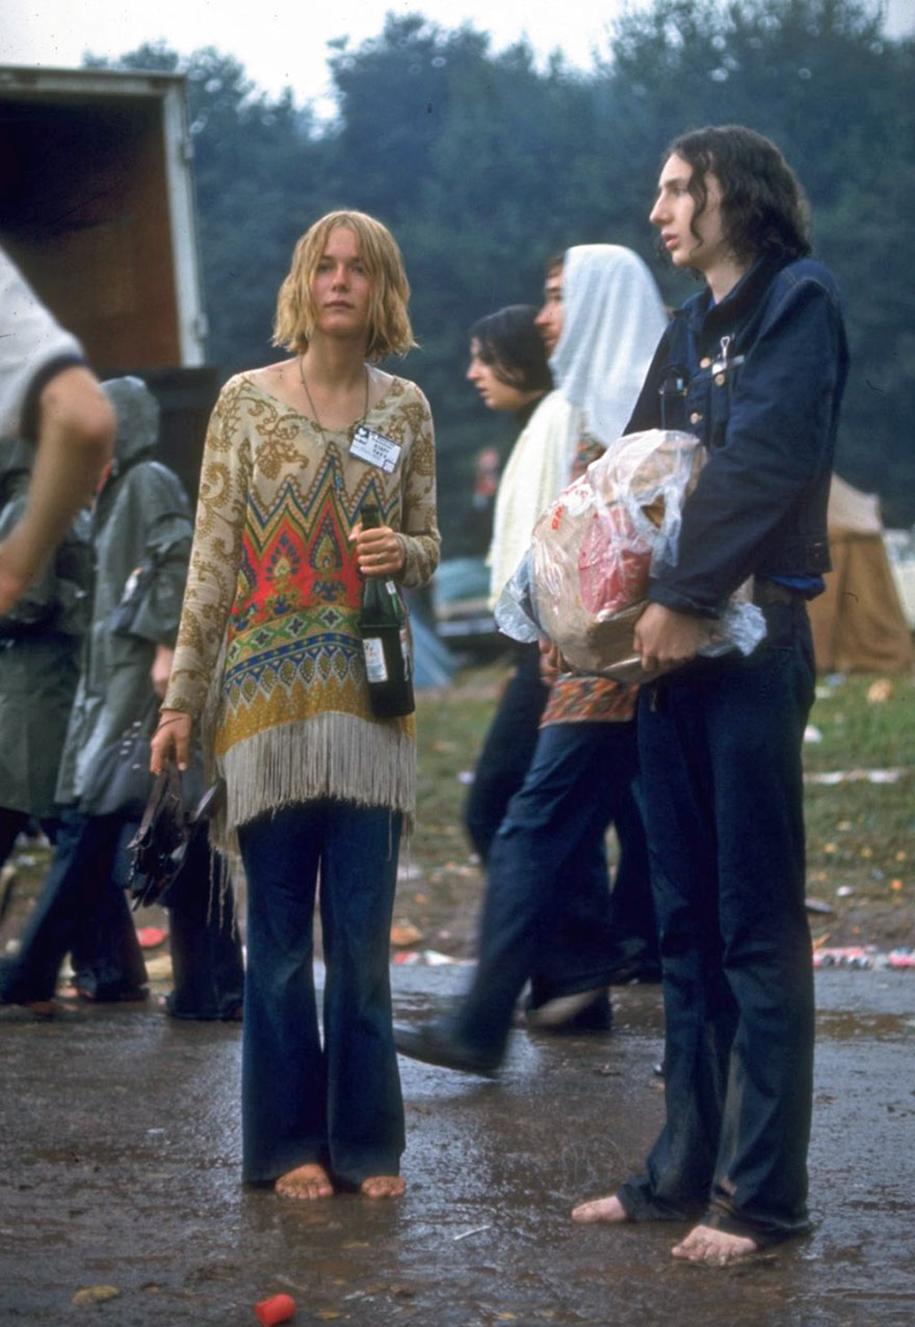 women-fashion-of-60s-woodstock-1969-10